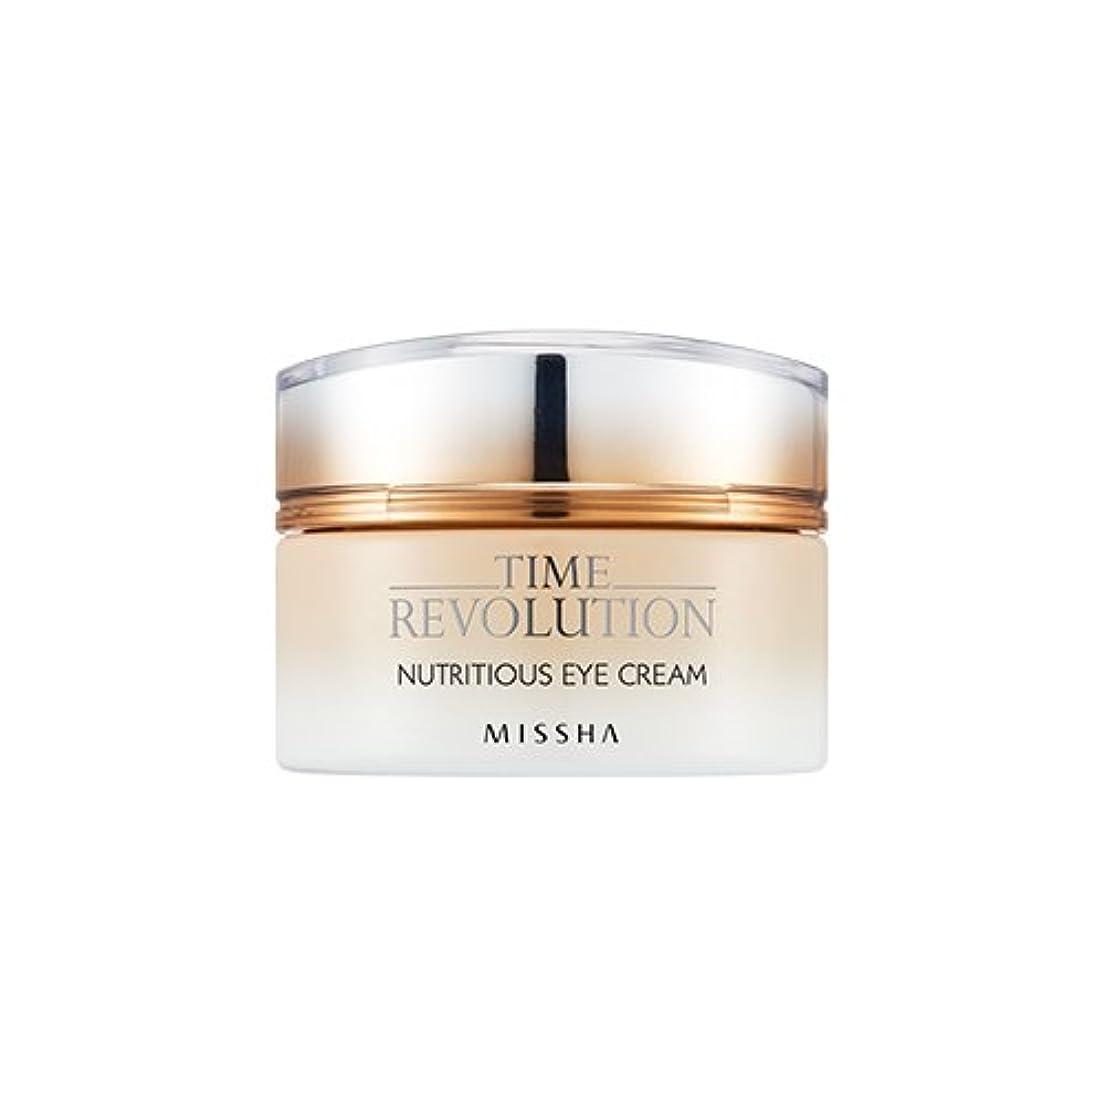 貫通恒久的クレア[New] MISSHA Time Revolution Nutritious Eye Cream 25ml/ミシャ タイム レボリューション ニュートリシャス アイクリーム 25ml [並行輸入品]